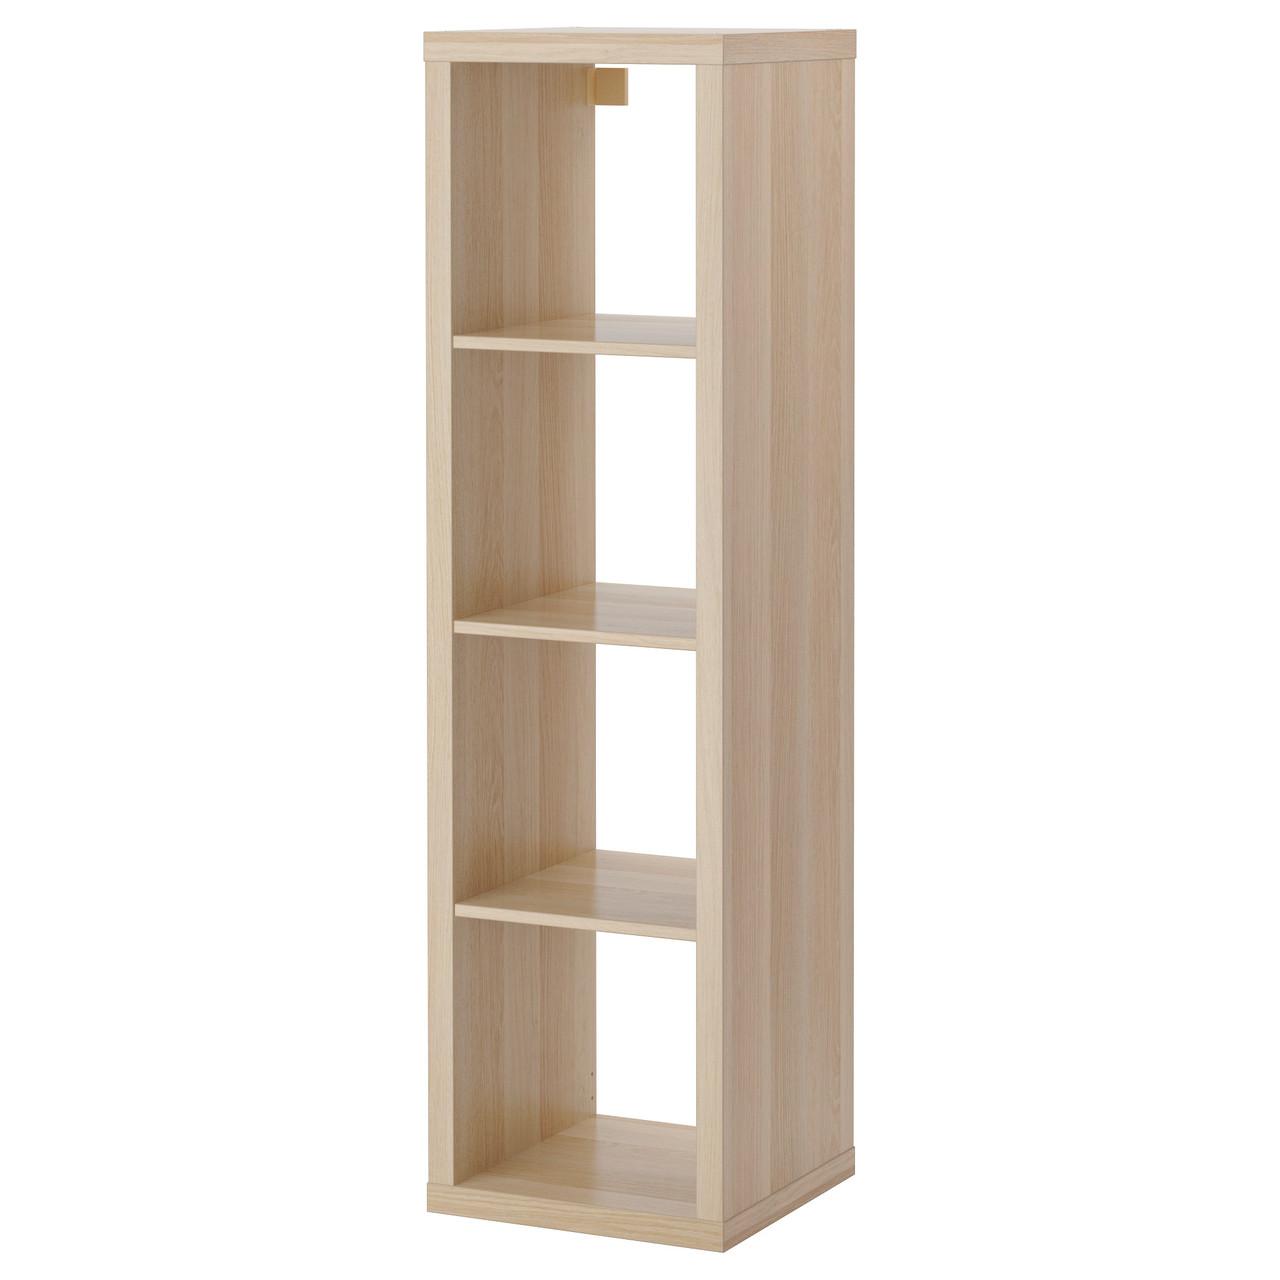 КАЛЛАКС Стеллаж, под беленый дуб, 42x147 см 40324516 IKEA, ИКЕА, KALLAX